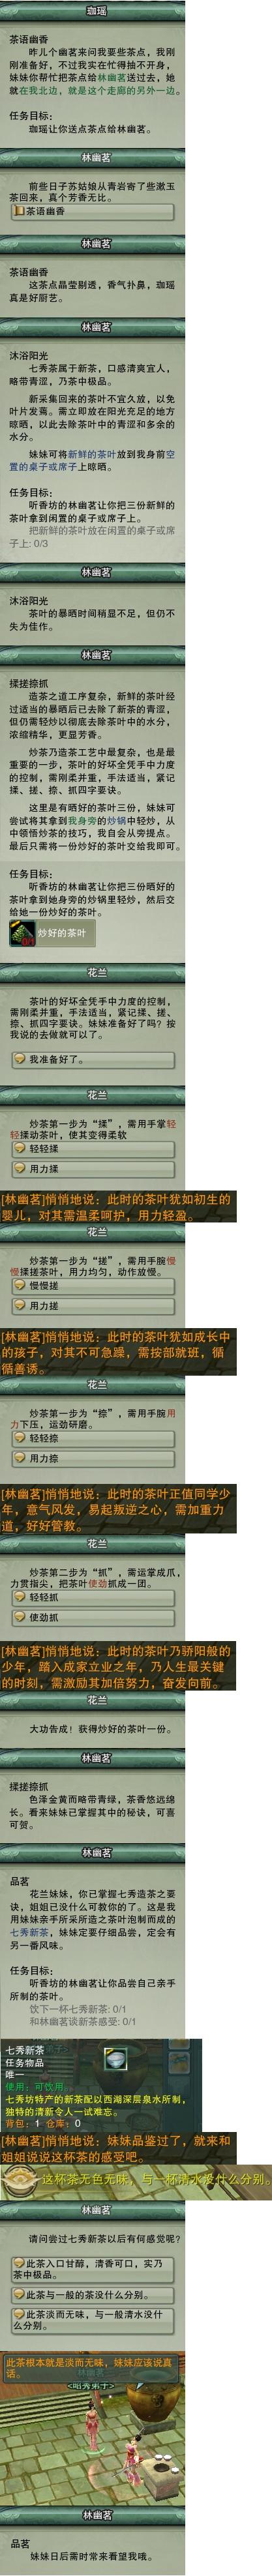 主线任务10 - 制茶.jpg